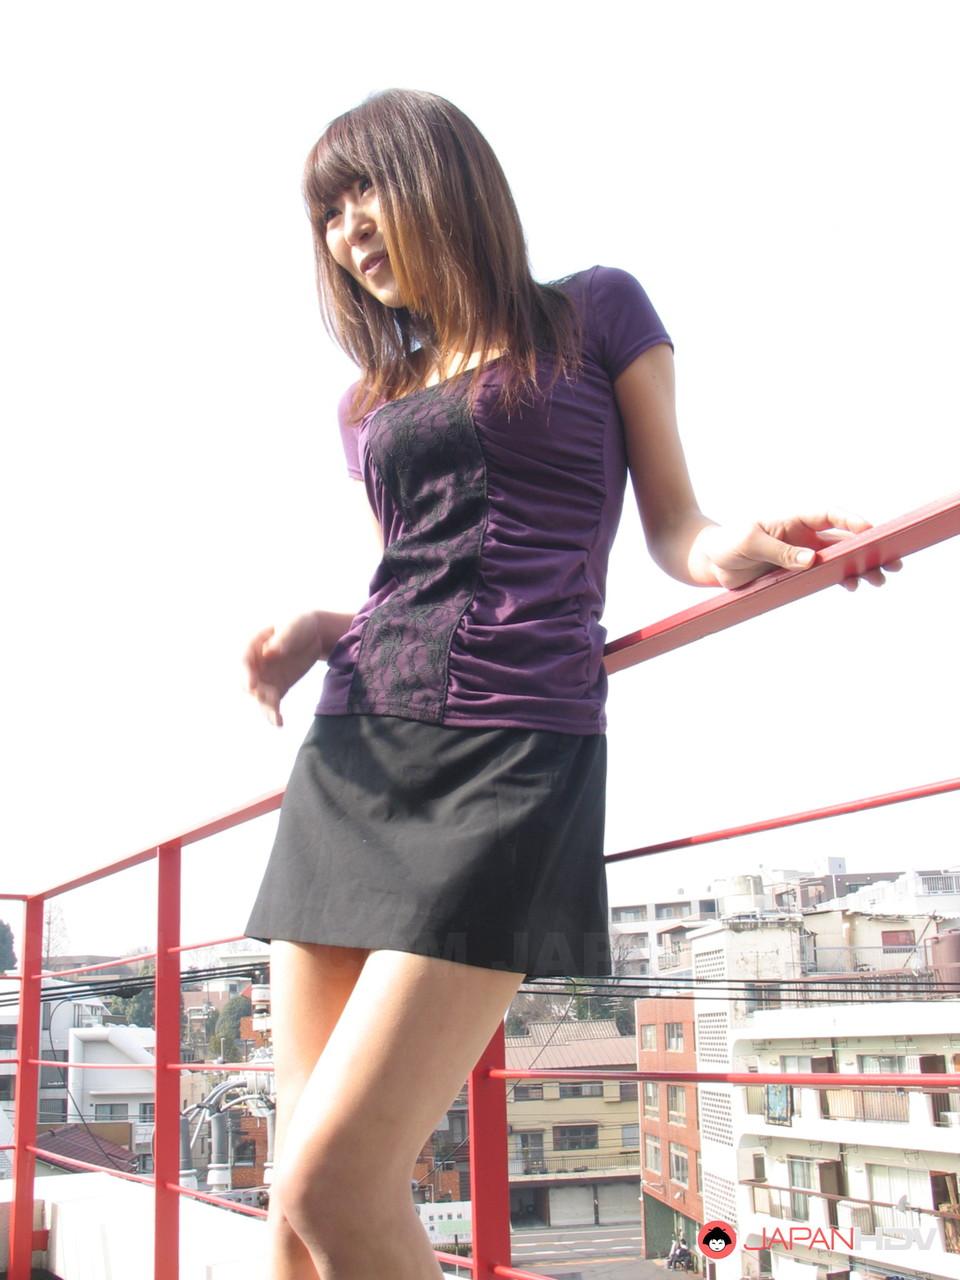 Petite Japanese MILF Jun Kusanagi gets caught masturbating in public